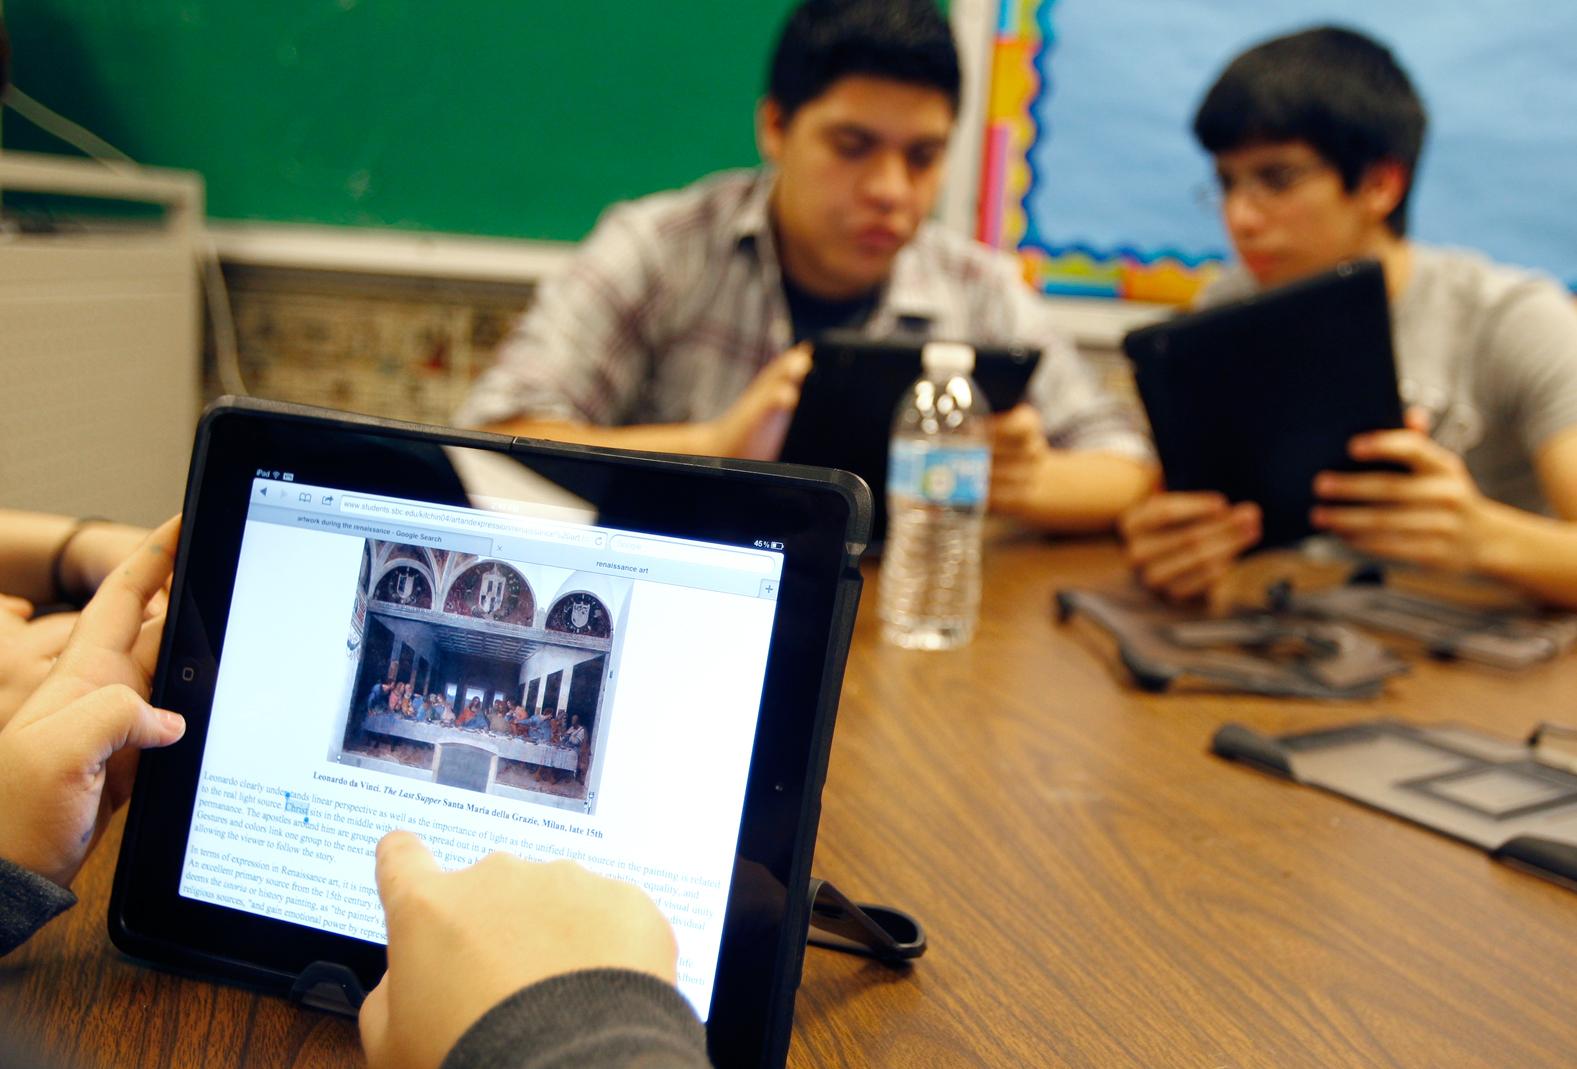 Los Angeles, dopo la debacle del piano iPad niente più computer per tutti gli studenti